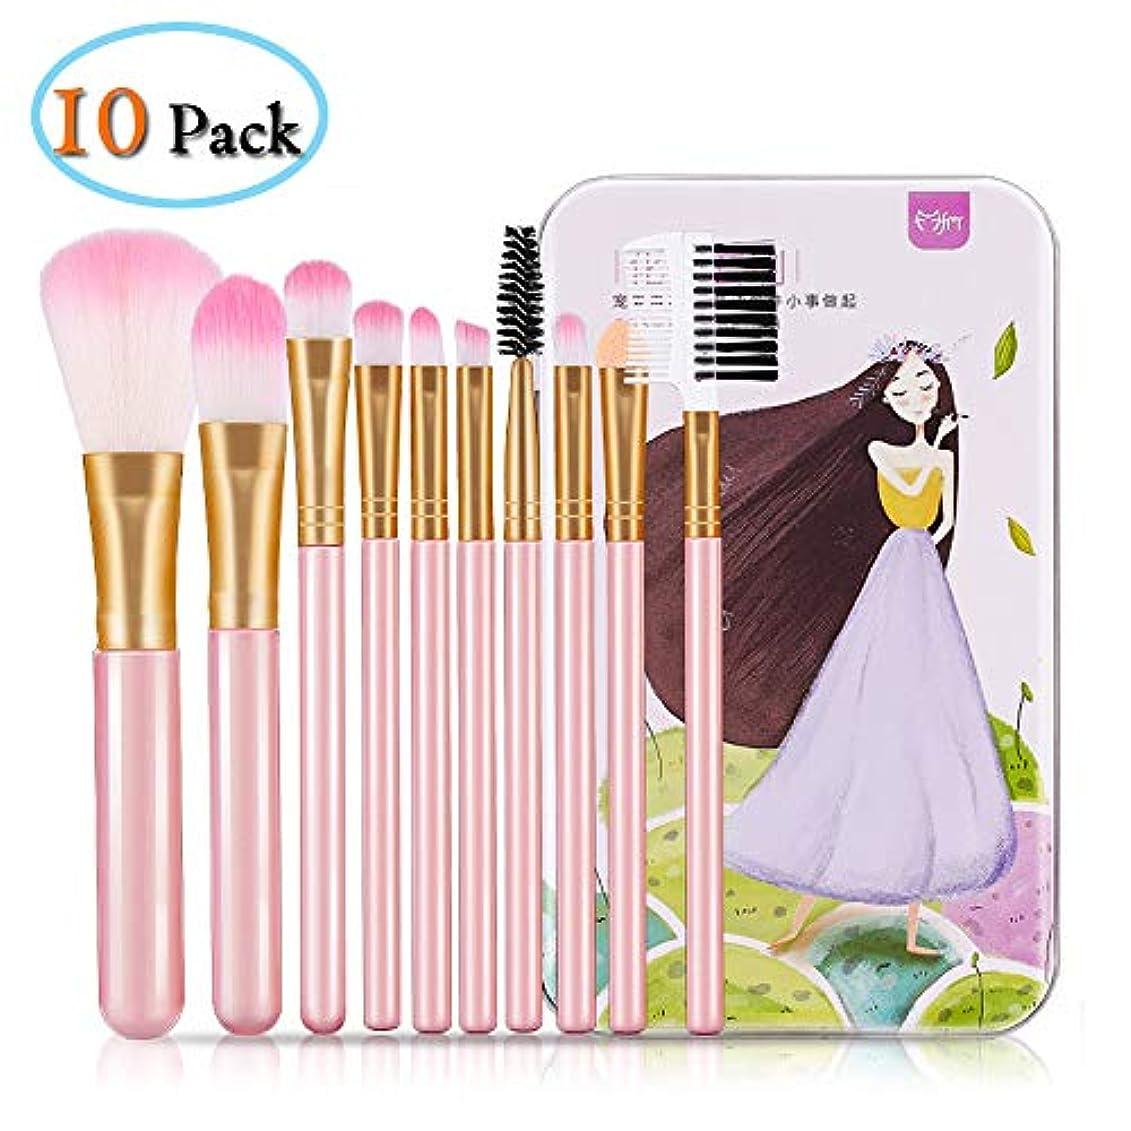 測定可能定期的な仕方YuJiny メイクアップブラシ 粧ブラシ 可愛い 化粧筆 肌に優しい ファンデーションブラシ アイシャドウブラシ 携帯便利 10本 収納BOX付